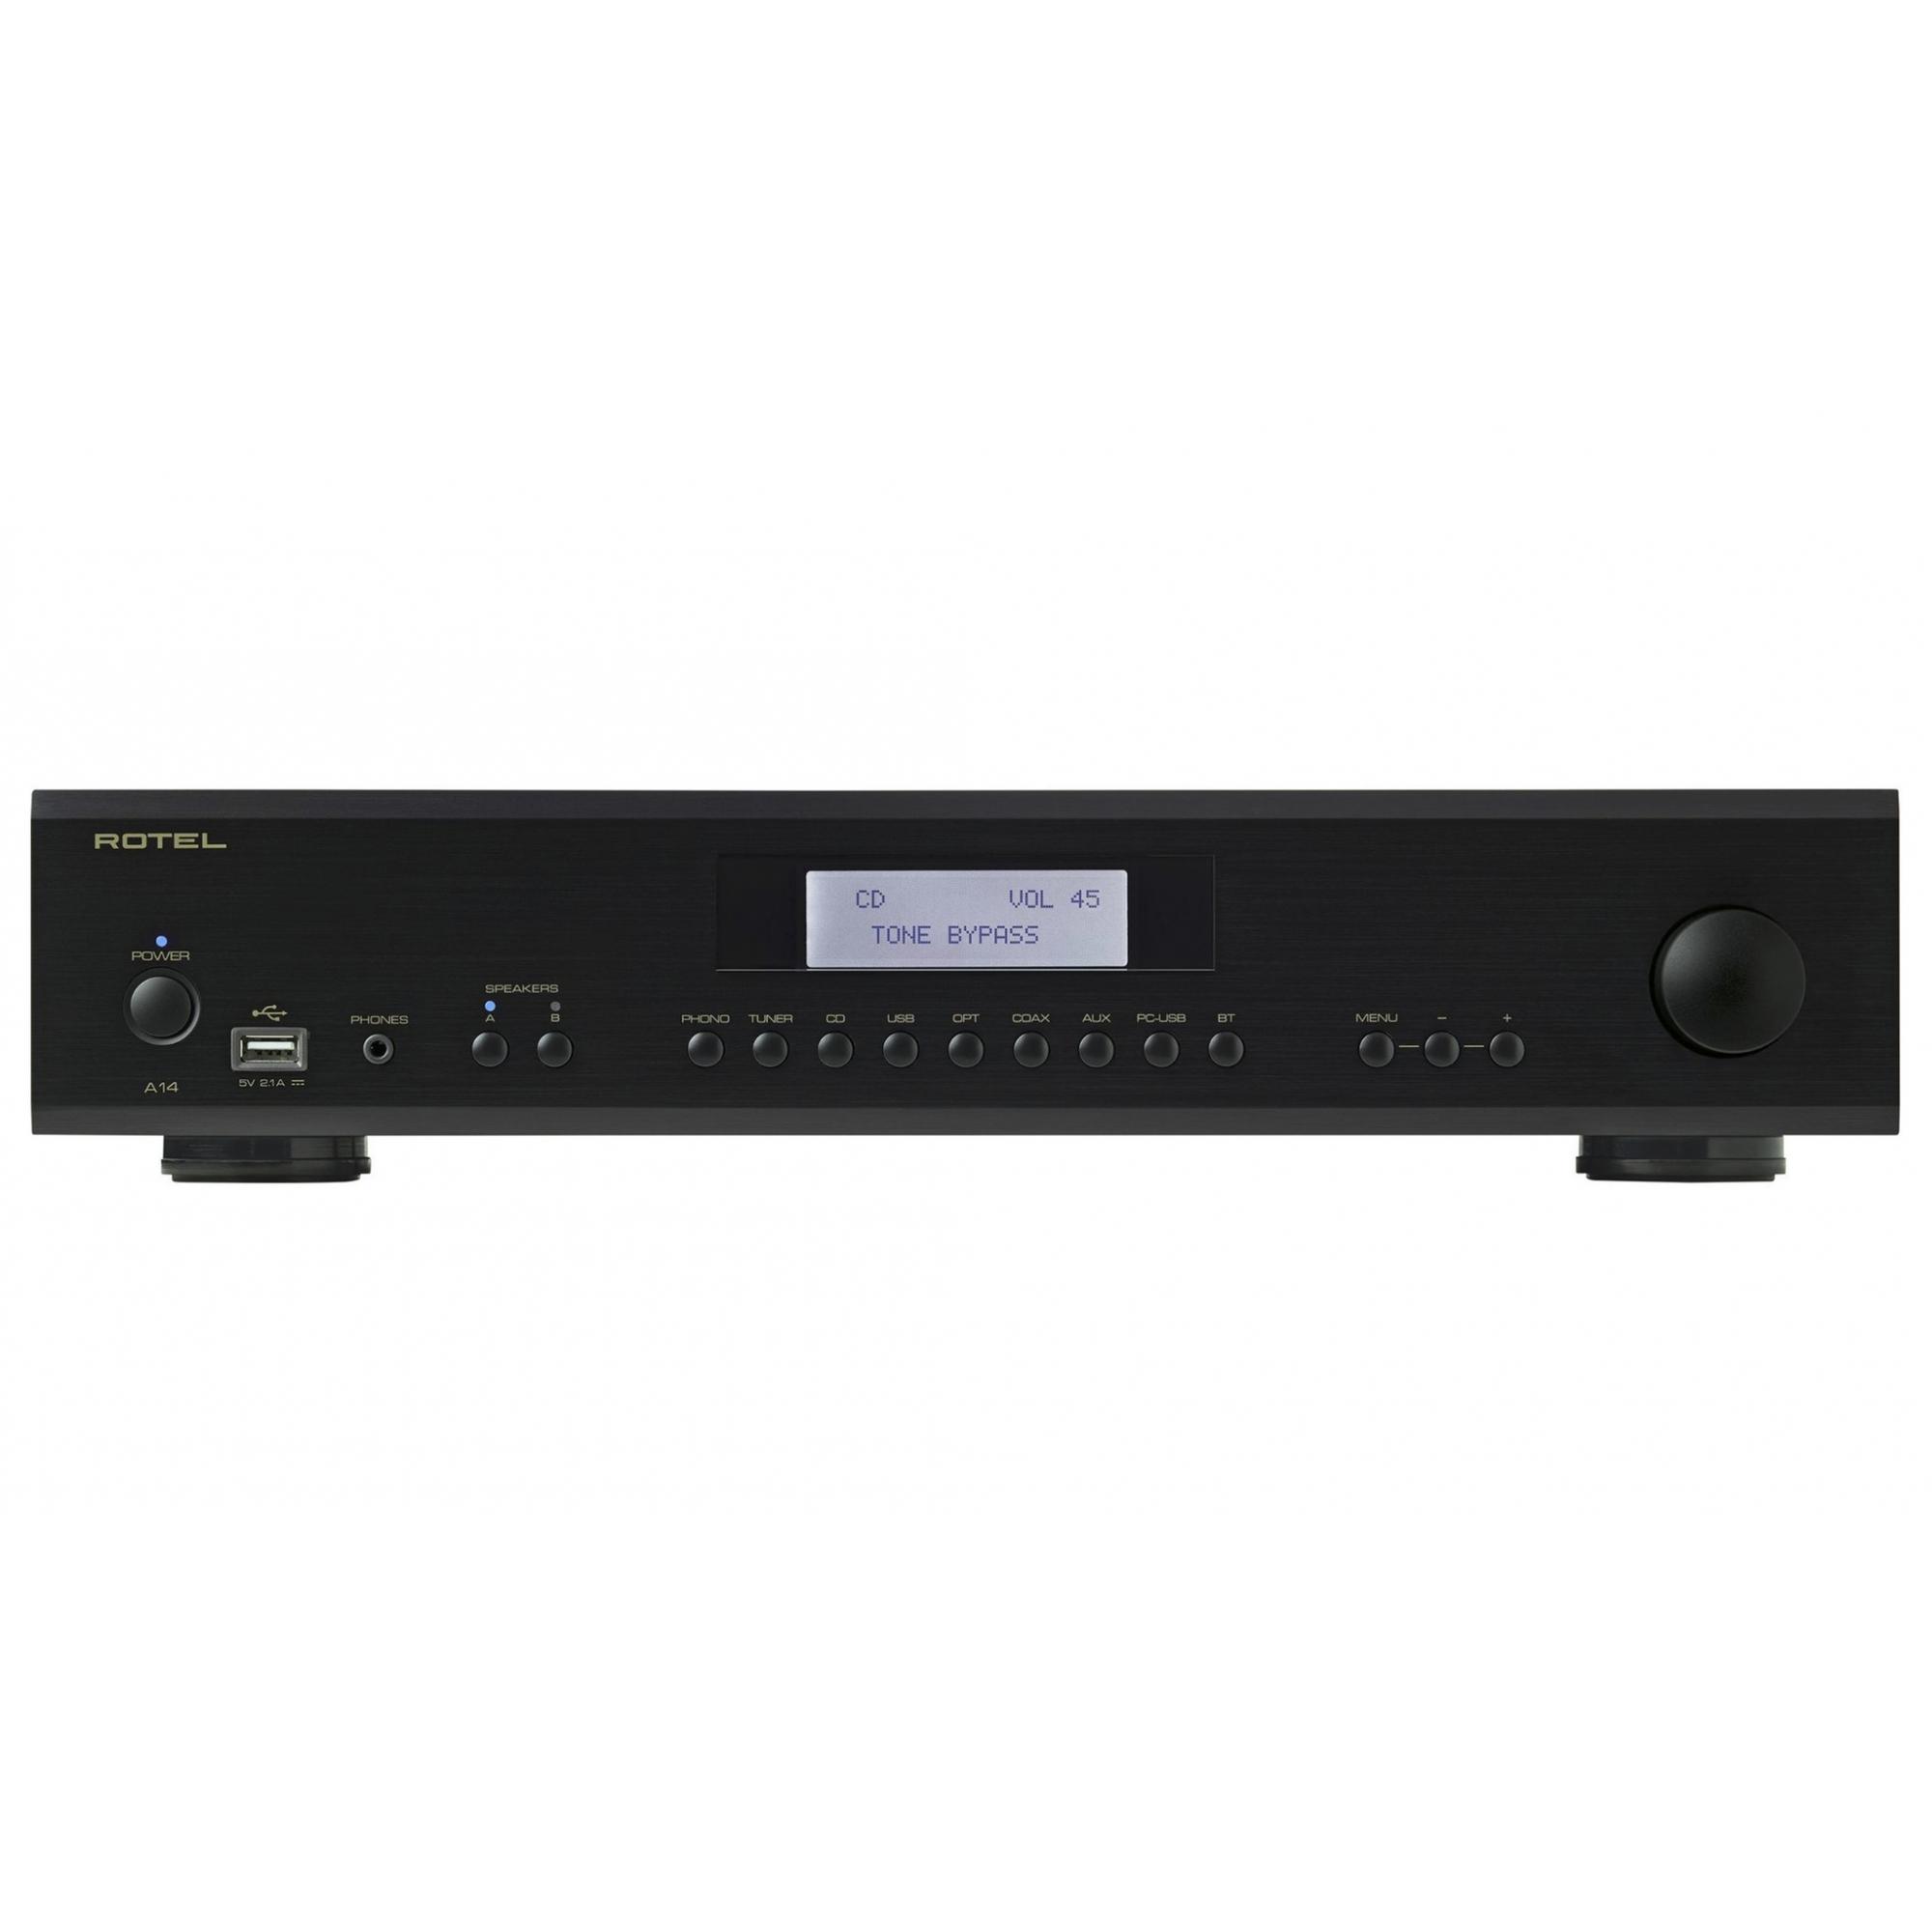 Amplificador integrado Rotel A14 Estéreo 80 W Canal Preto - 110v